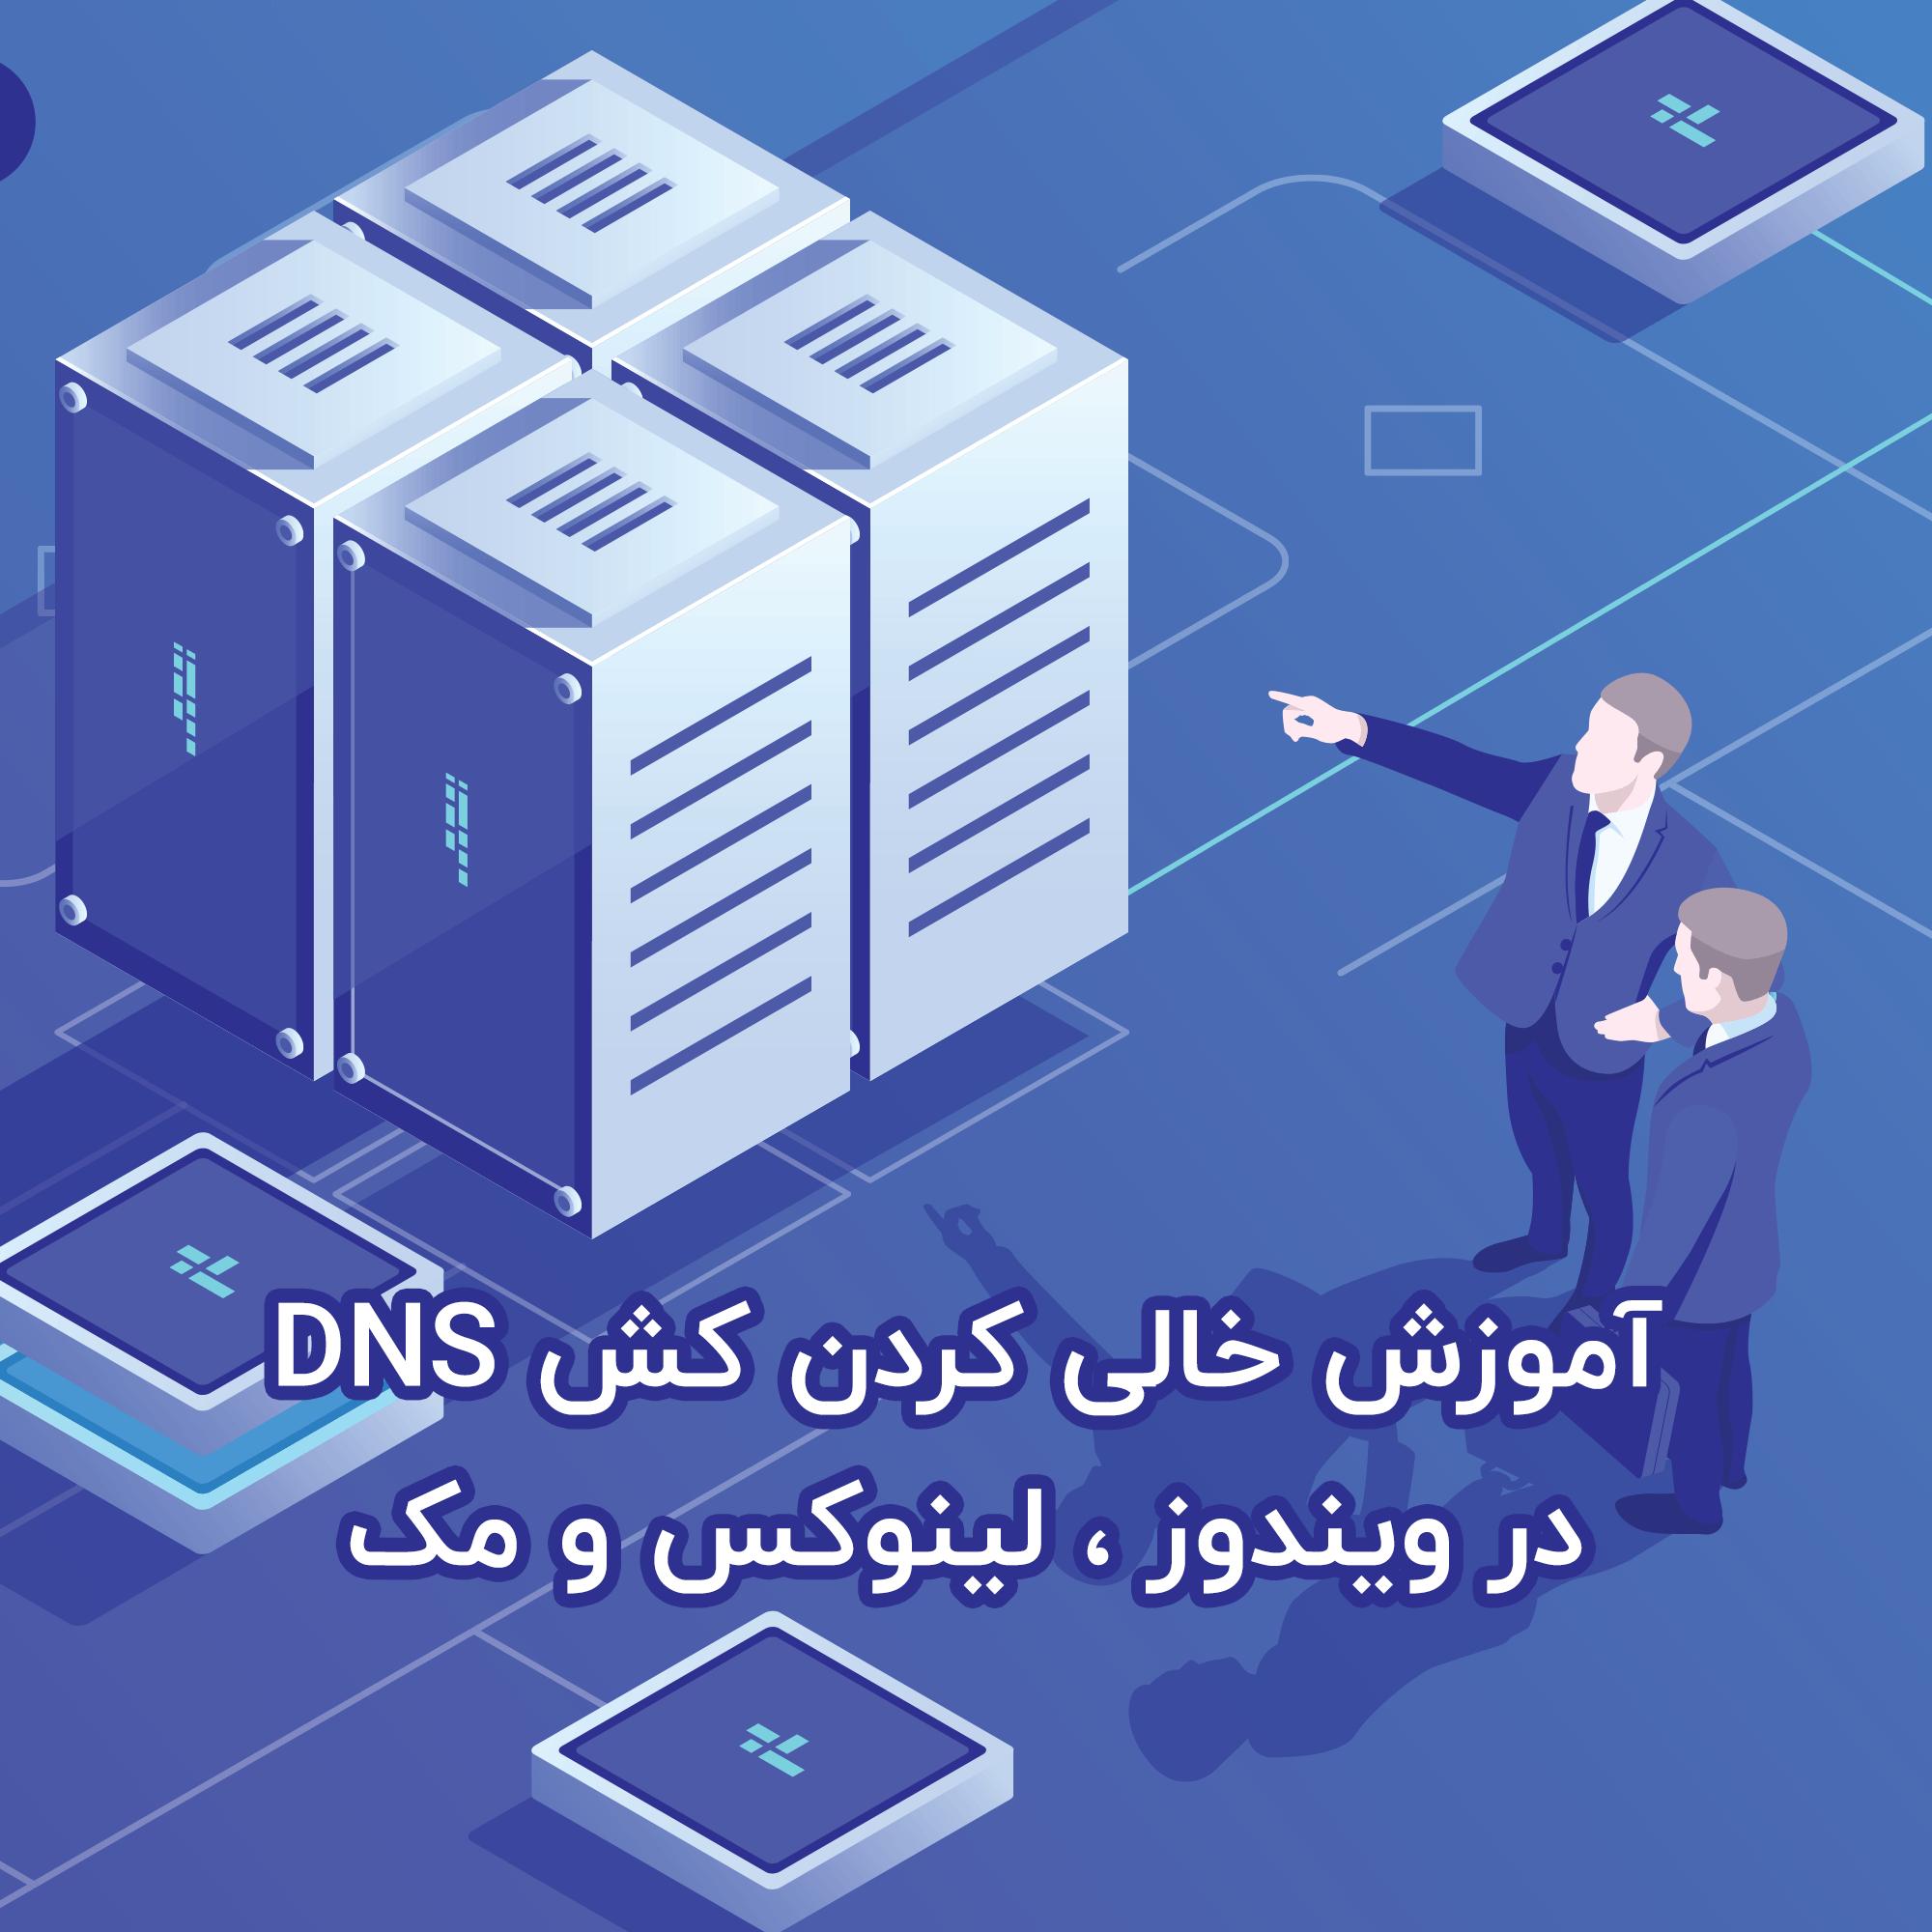 خالی کردن کش DNS در ویندوز ، لینوکس و مک